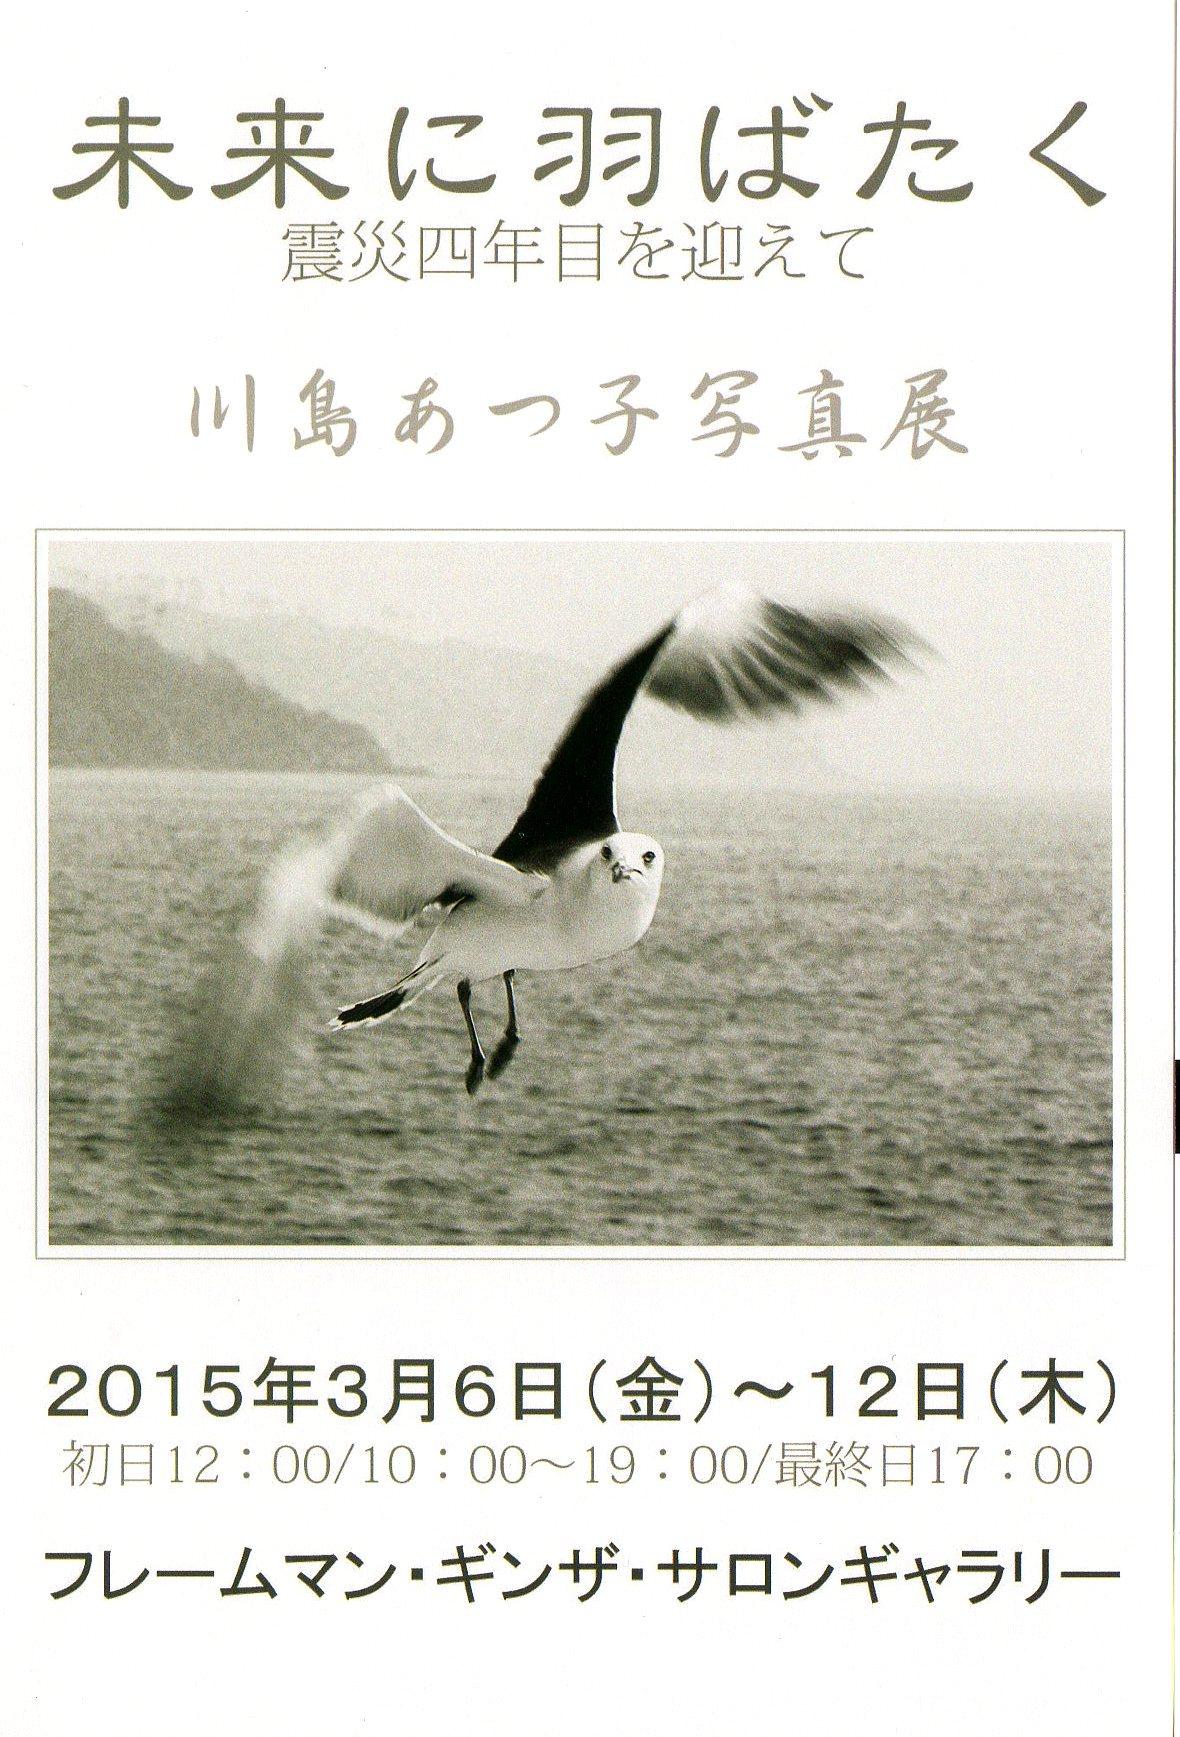 川島あつ子写真展チラシ表